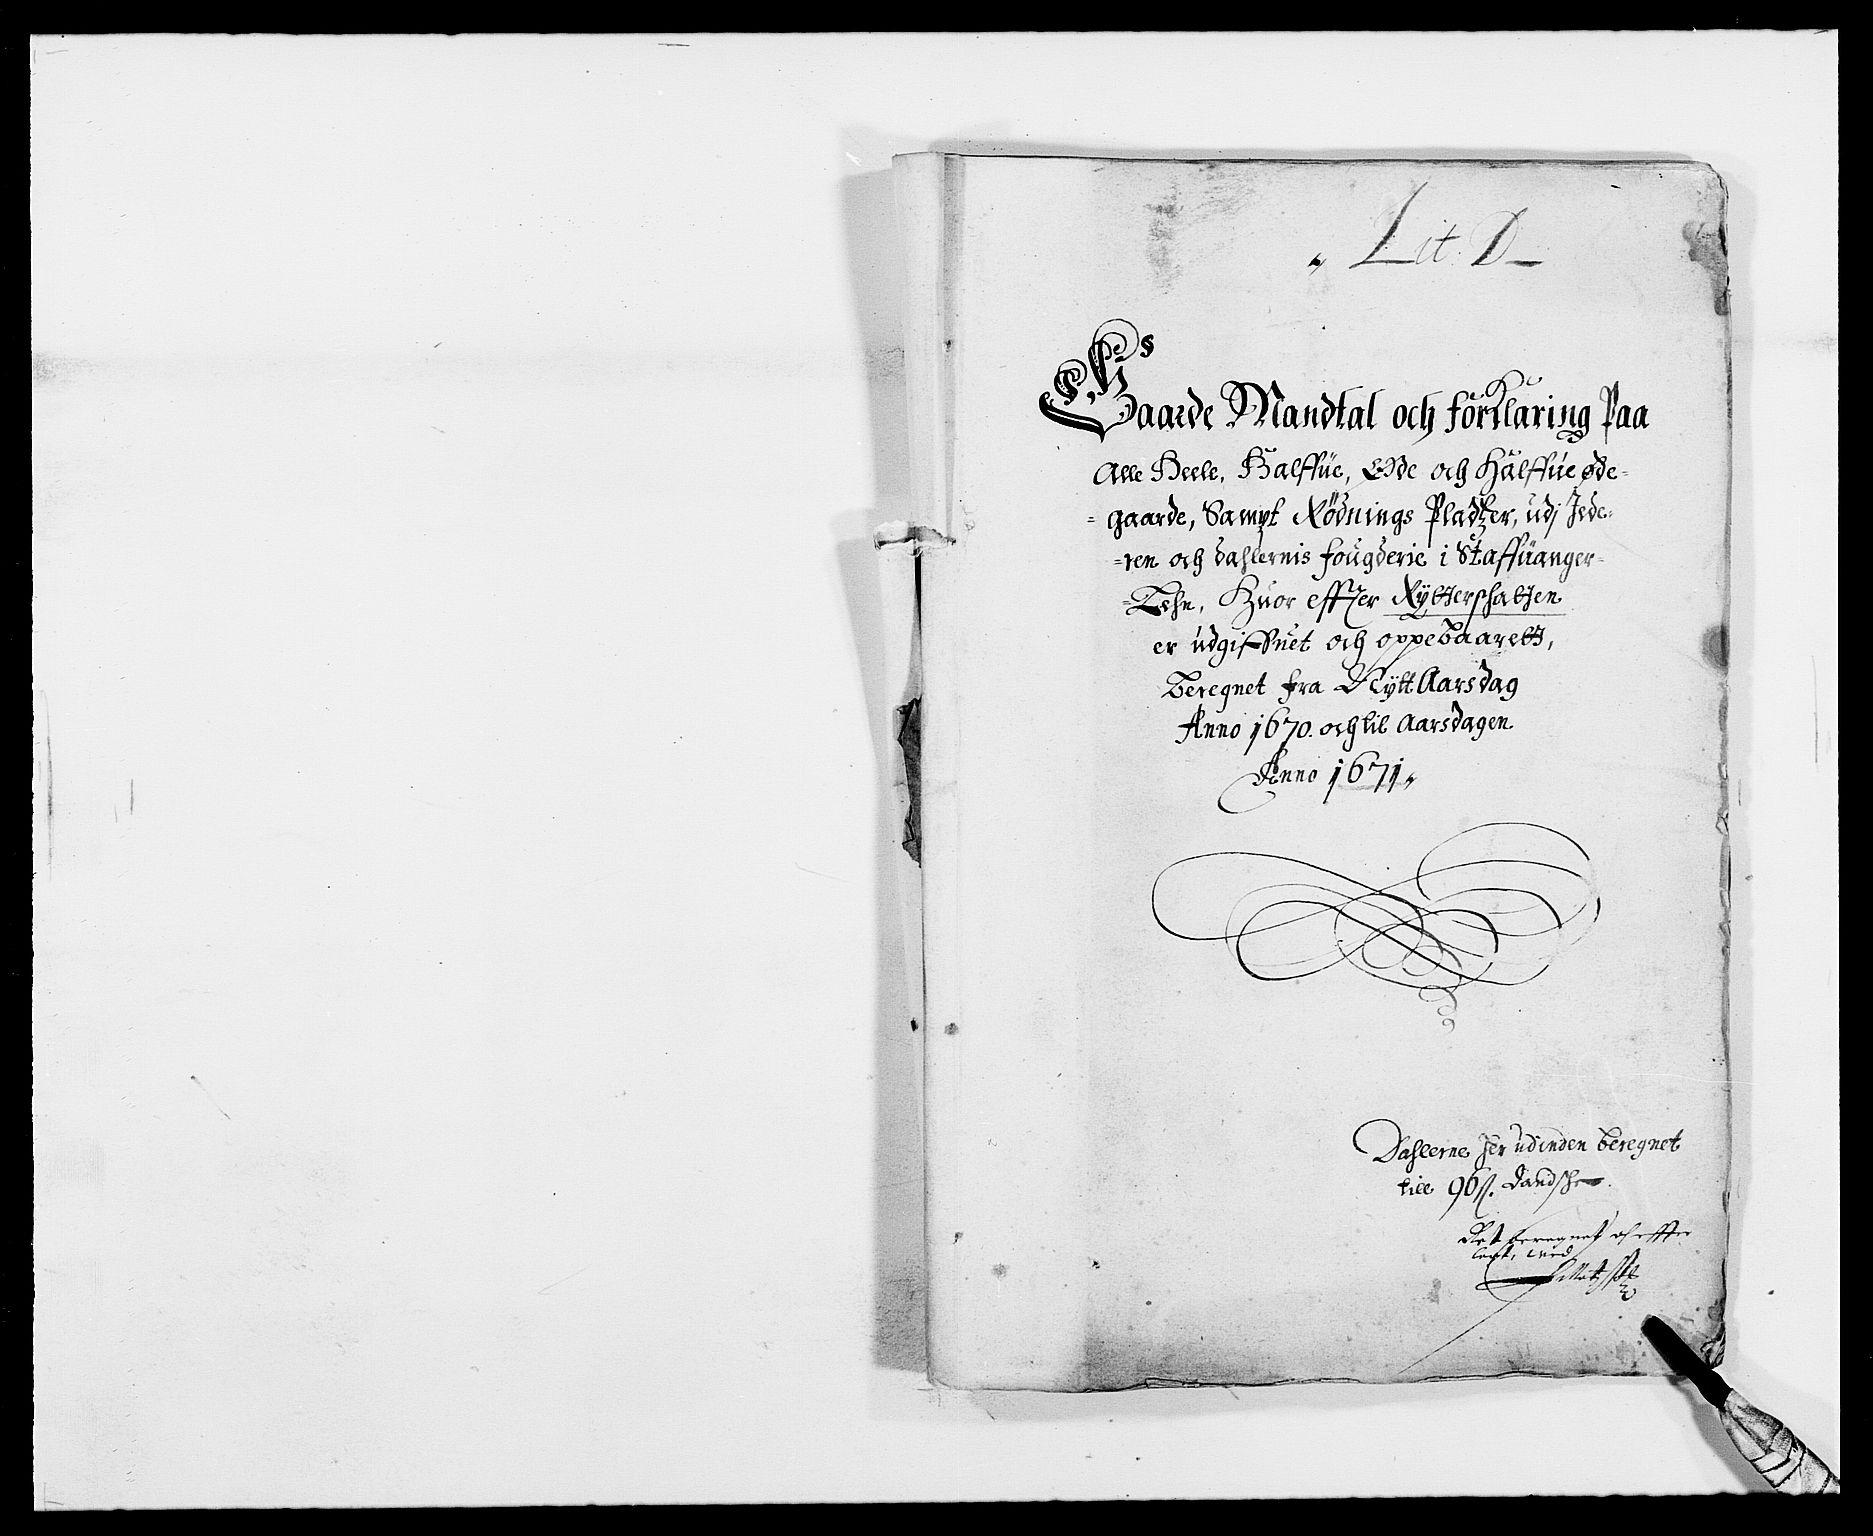 RA, Rentekammeret inntil 1814, Reviderte regnskaper, Fogderegnskap, R46/L2712: Fogderegnskap Jæren og Dalane, 1670-1671, s. 80